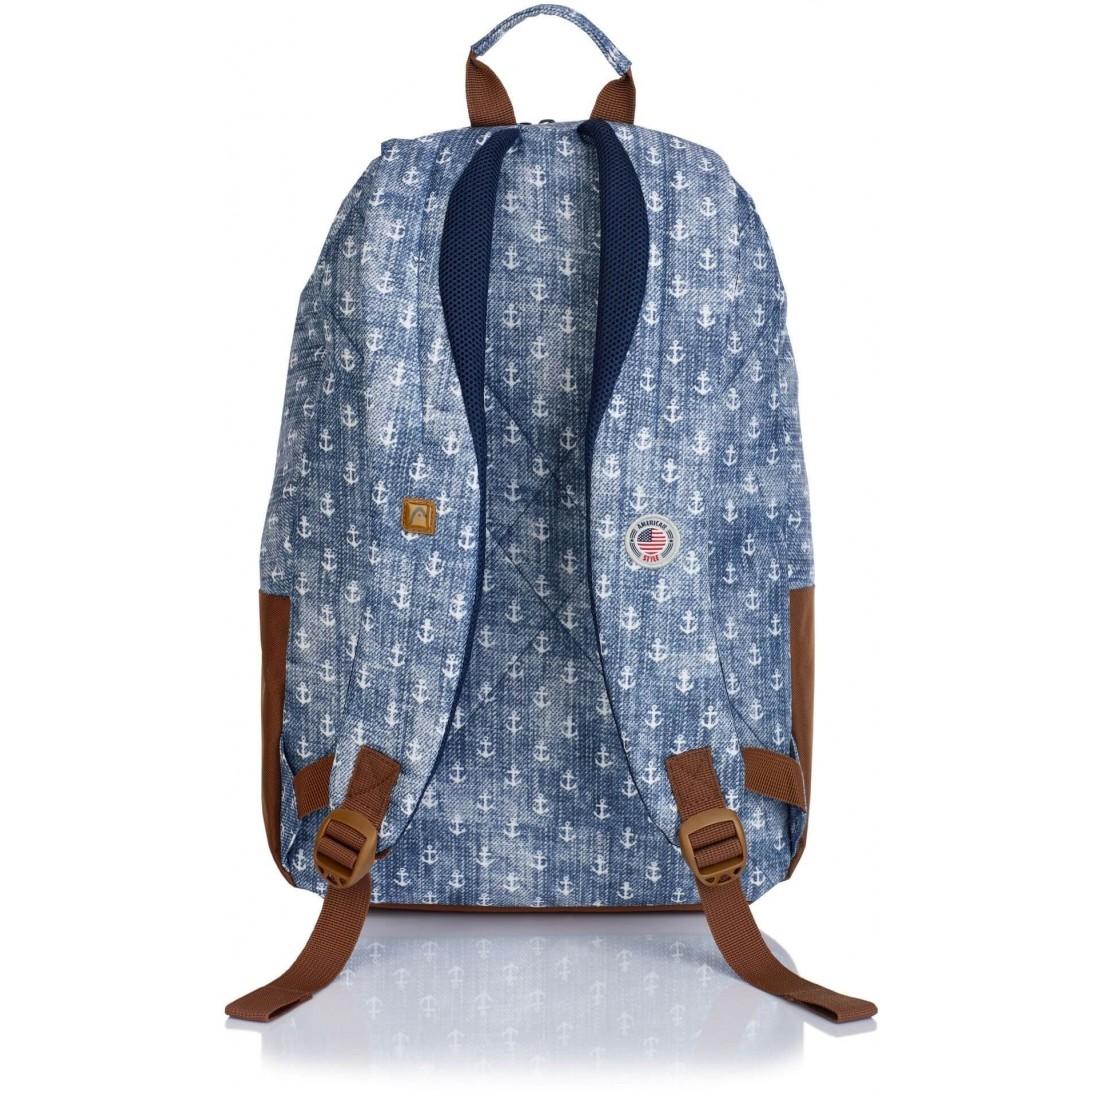 Plecak miejski dla nastolatki Head HD-363 G niebieski w białe kotwice - plecak-tornister.pl